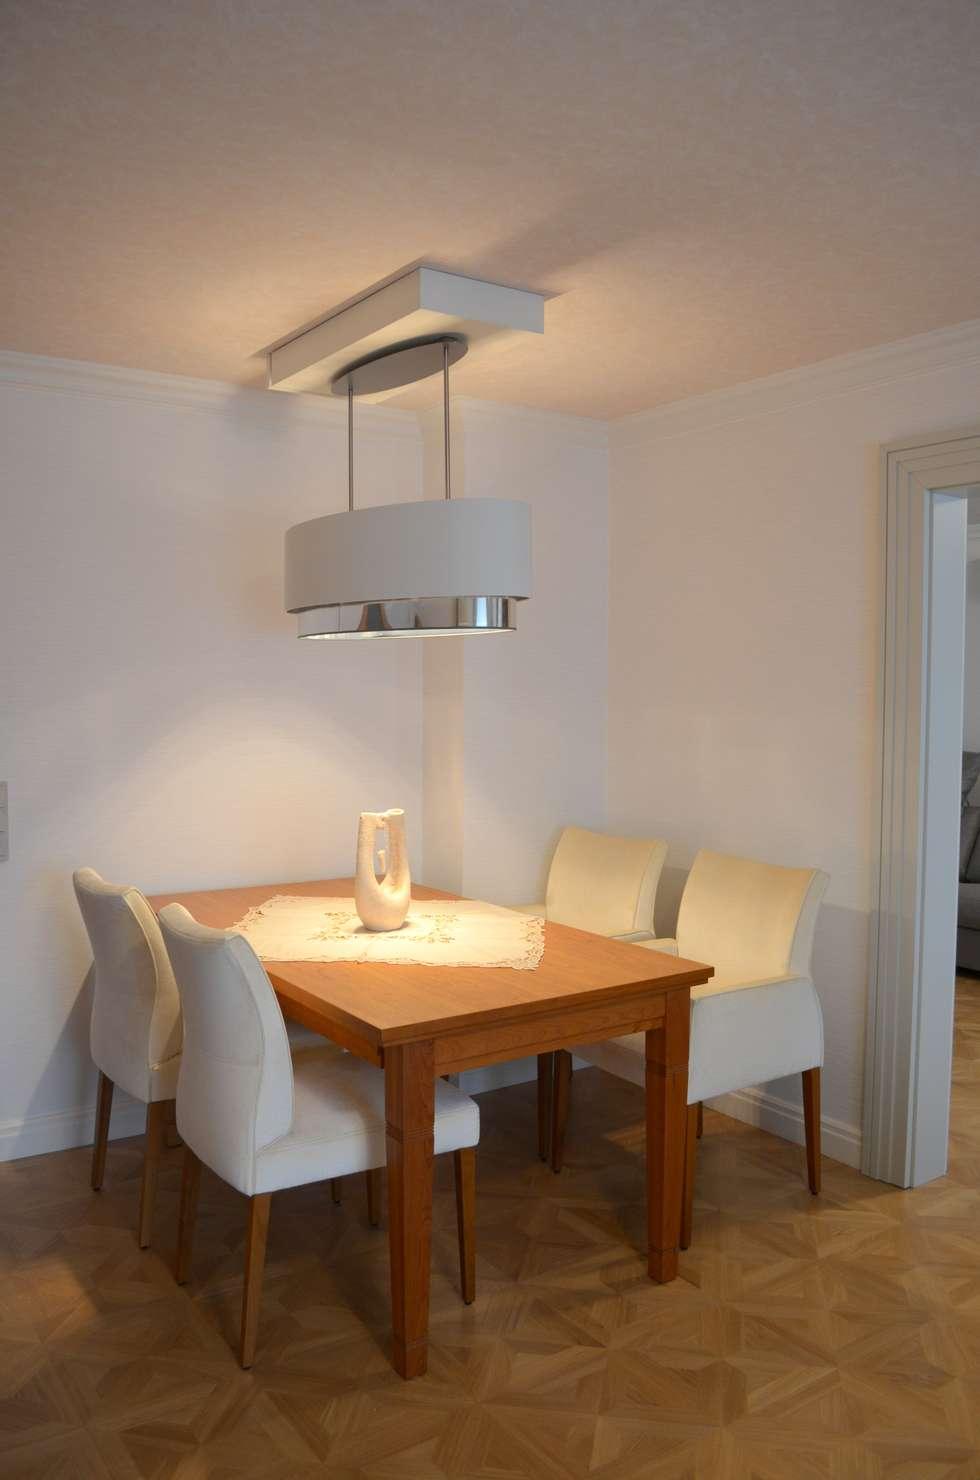 Uberlegen Esszimmer Mir Ausziehbarem Tisch Und Verschiebbarer Lampe: Moderne Esszimmer  Von WOHNIDEEN Lebedies